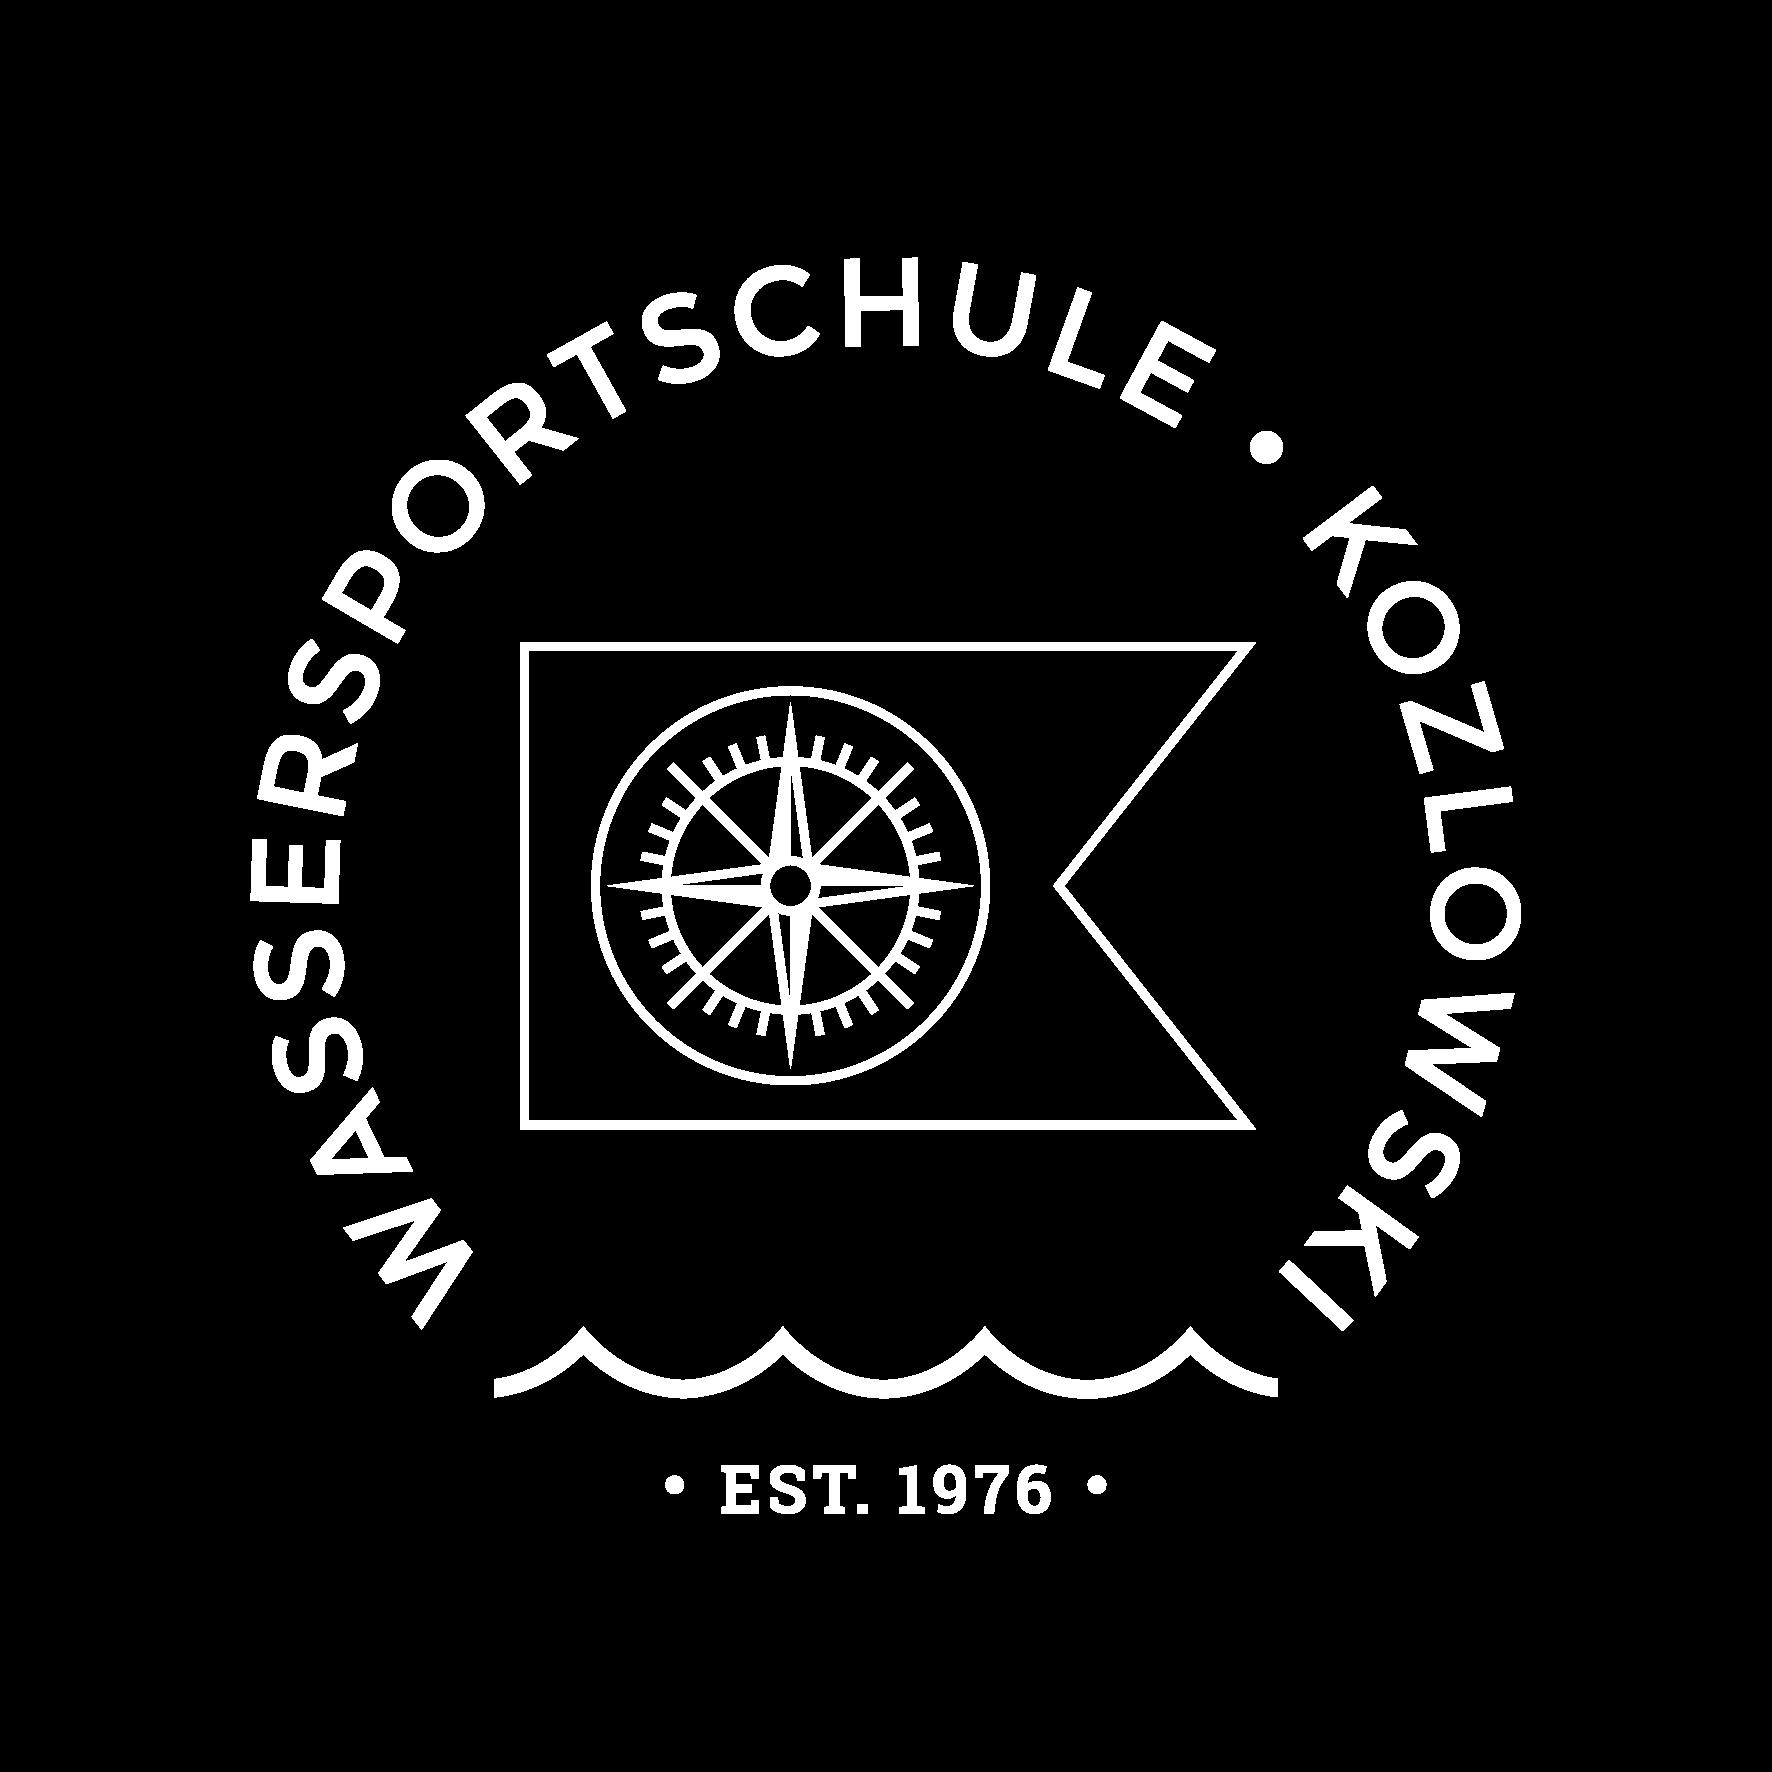 Wassersportschule Kozlowski Logo Fahne Segeln Tauchen Kurse